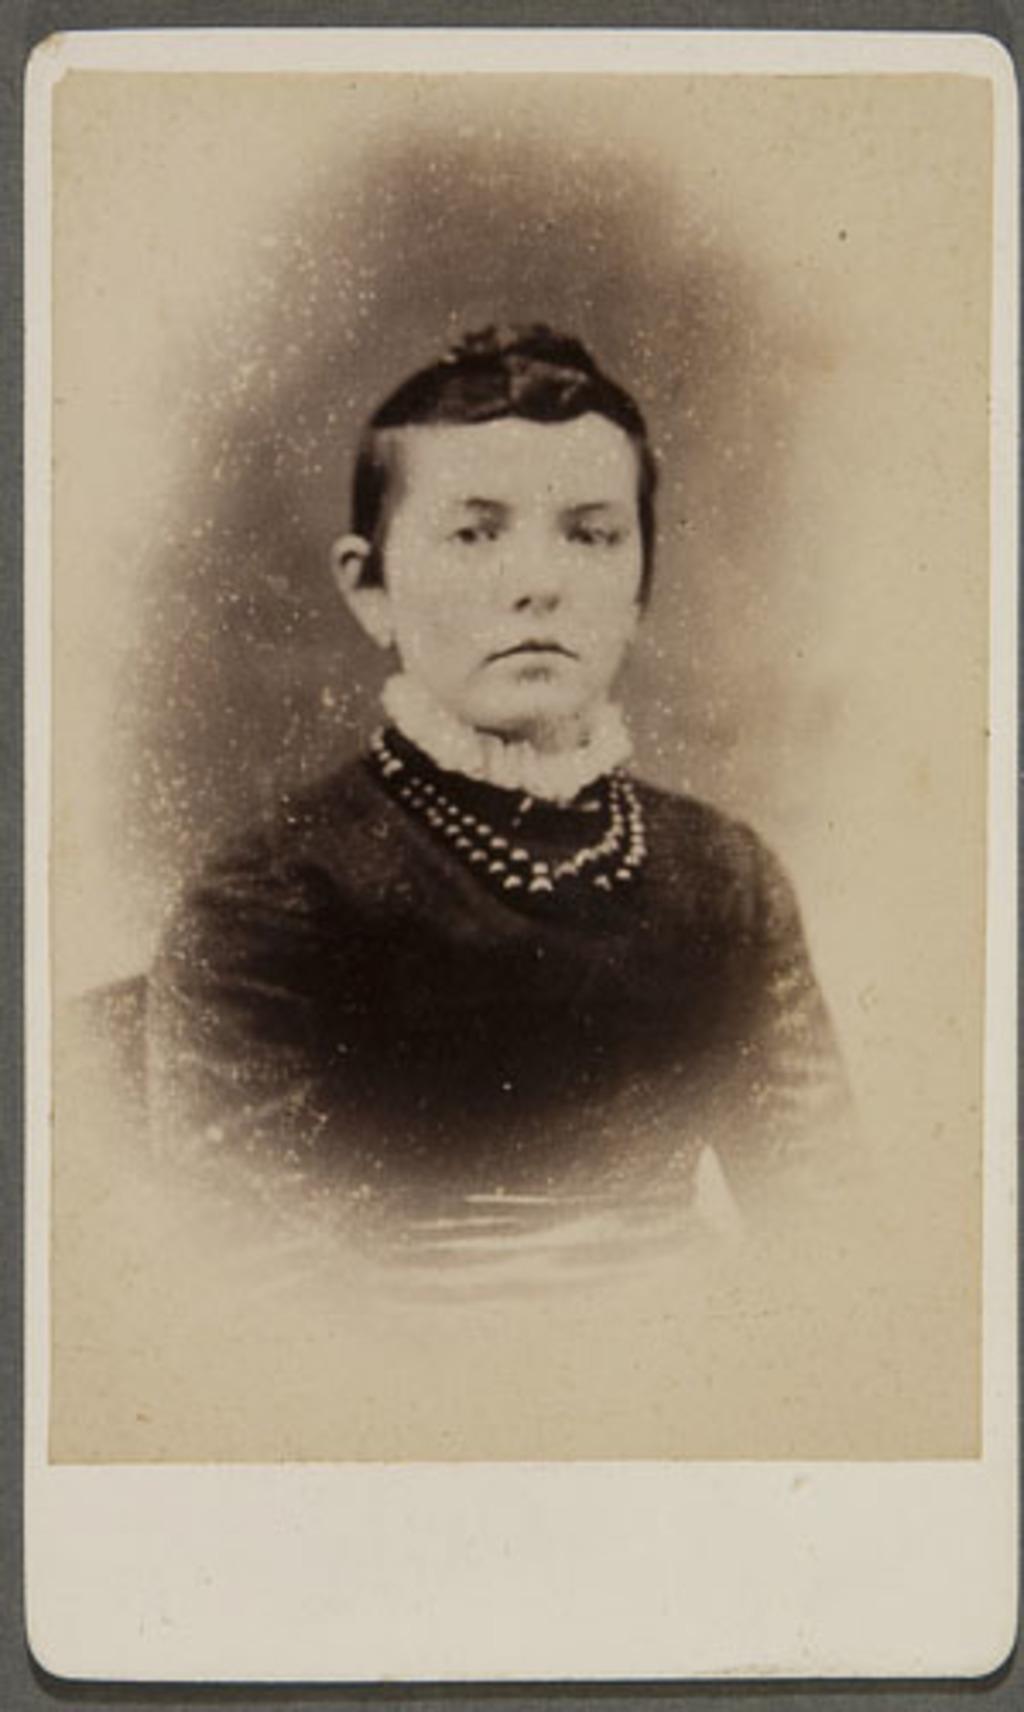 Portrait de femme. Photographie d'une photographie